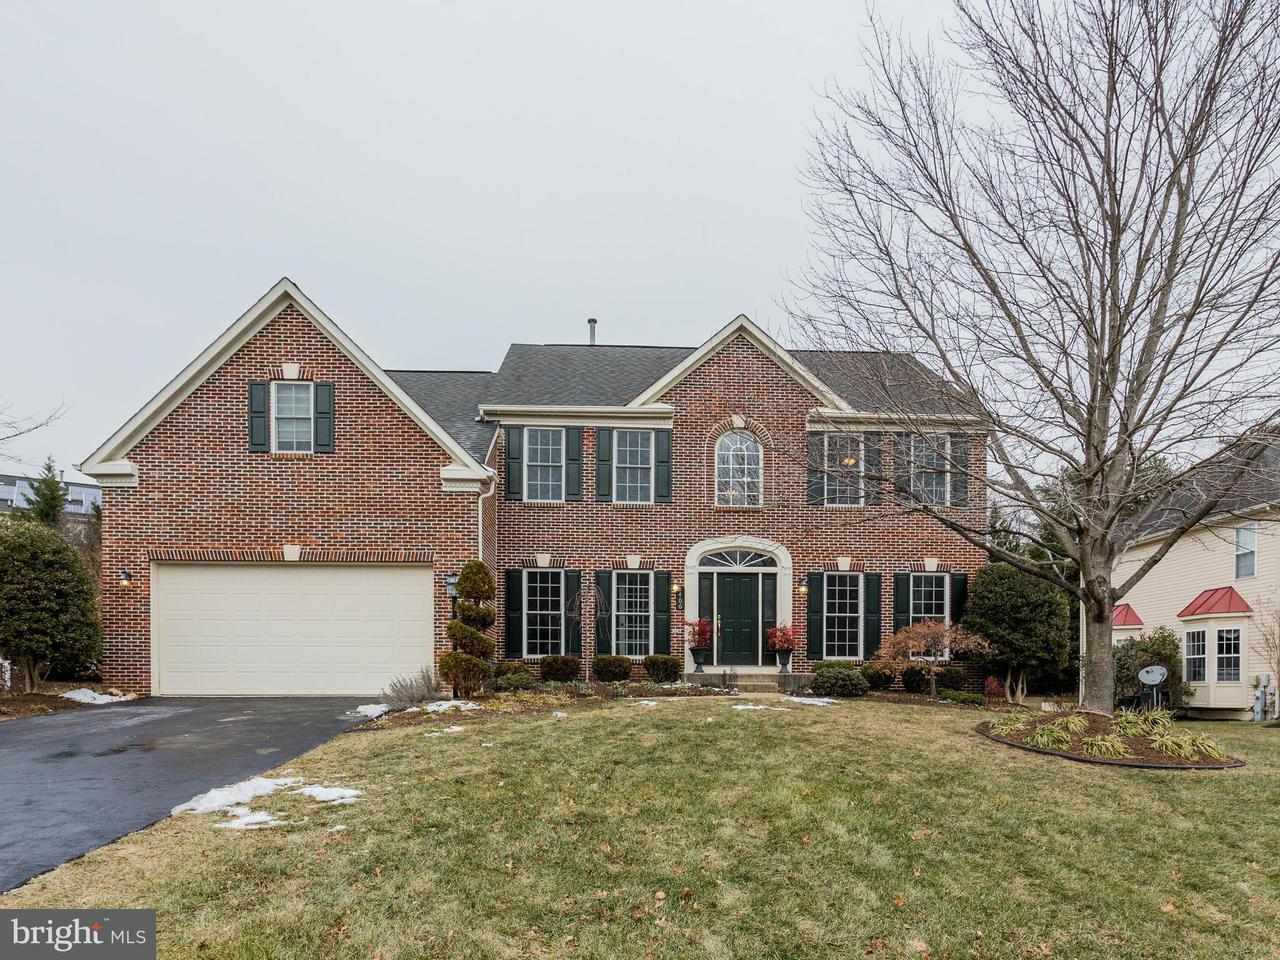 Maison unifamiliale pour l Vente à 4406 Harbour Town Drive 4406 Harbour Town Drive Beltsville, Maryland 20705 États-Unis